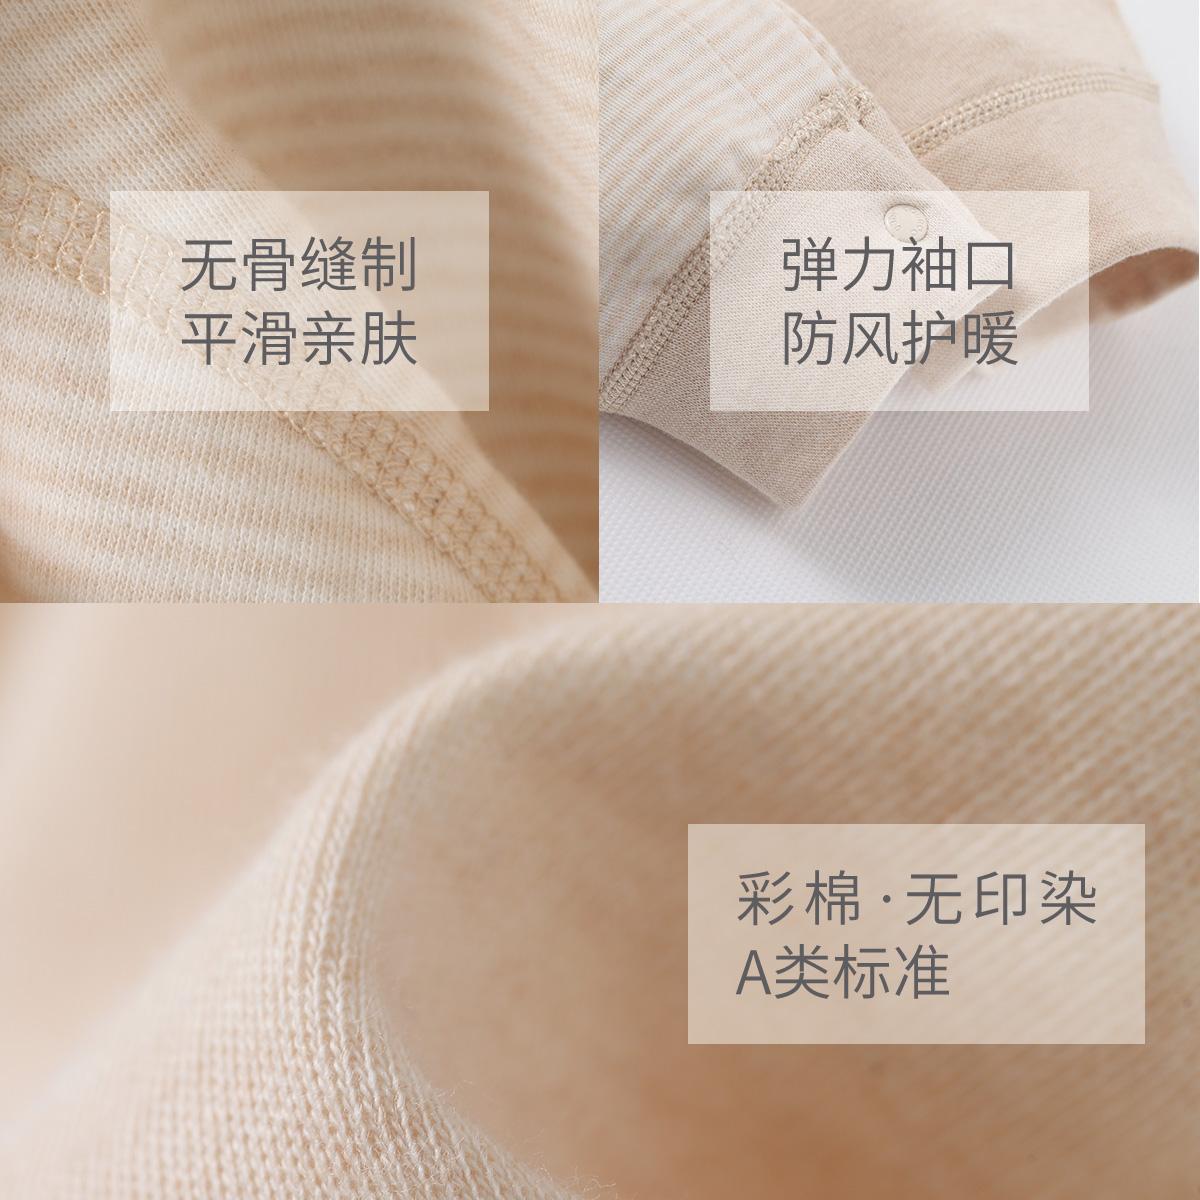 婴儿连体衣春秋衣服初生宝宝纯棉睡衣哈衣0春秋3个月新生儿衣服